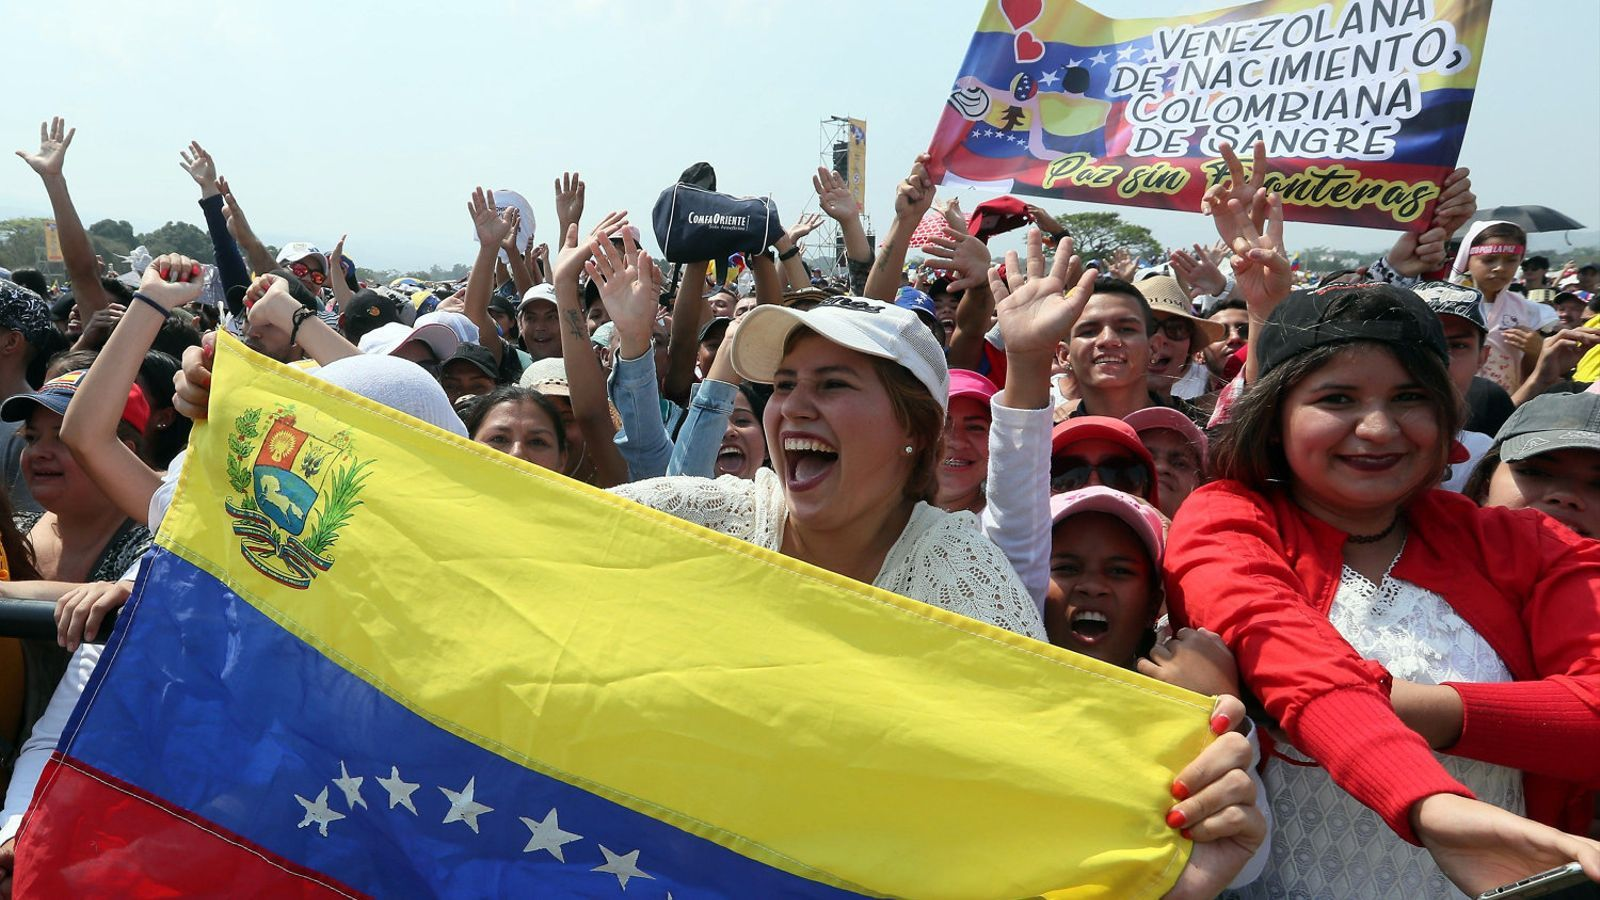 Dos morts per l'ajuda humanitària a Veneçuela